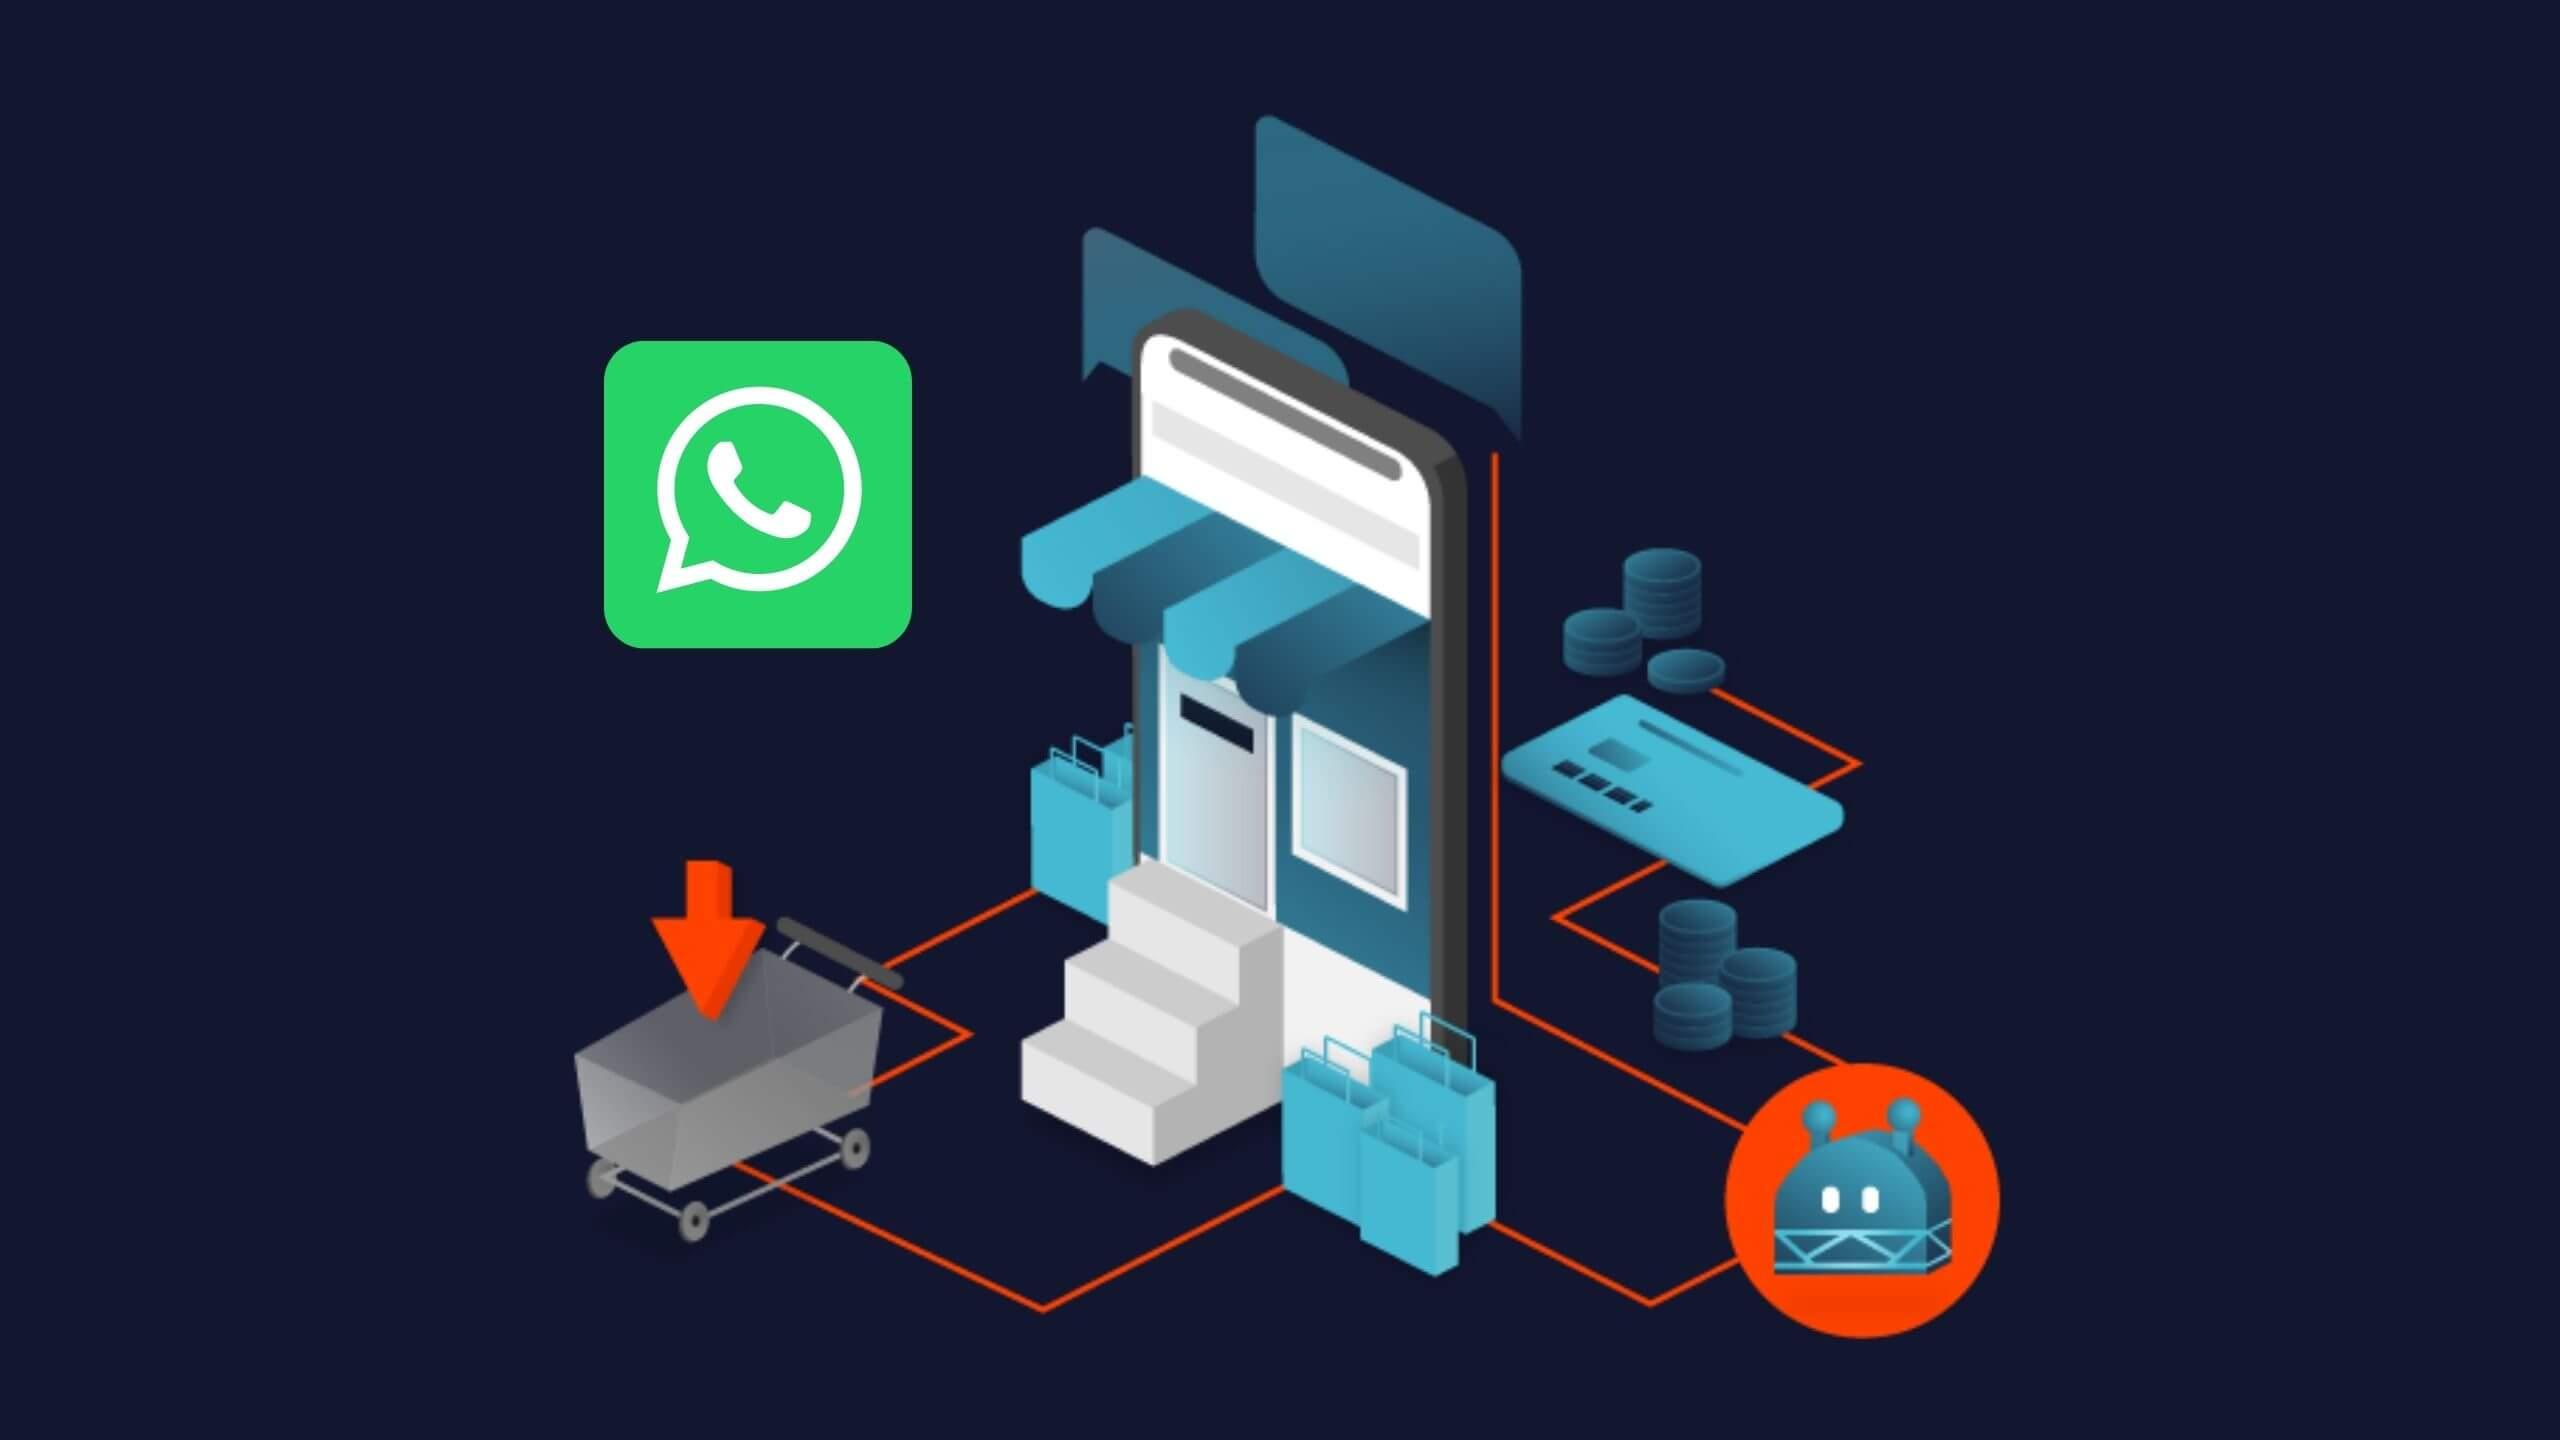 Vermarkten und verkaufen über WhatsApp mit Chatbots